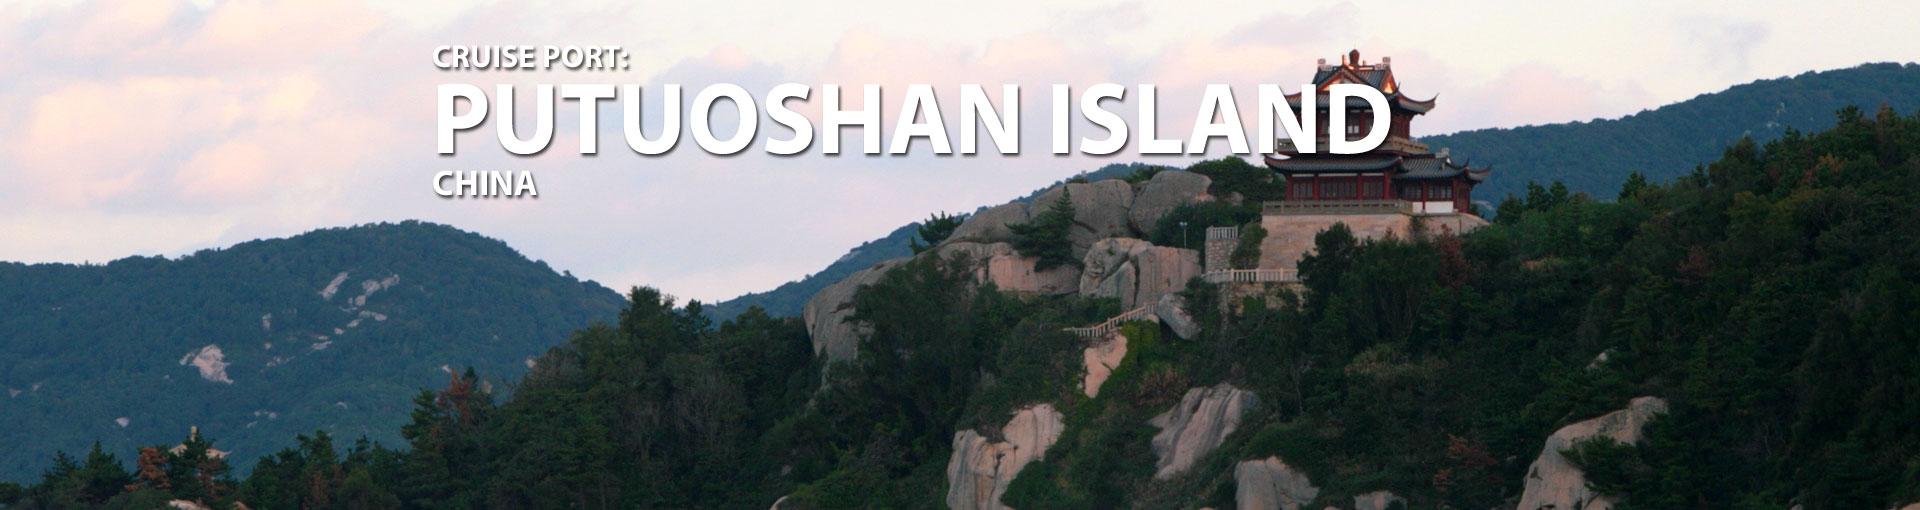 Cruises to Putuoshan Island, China